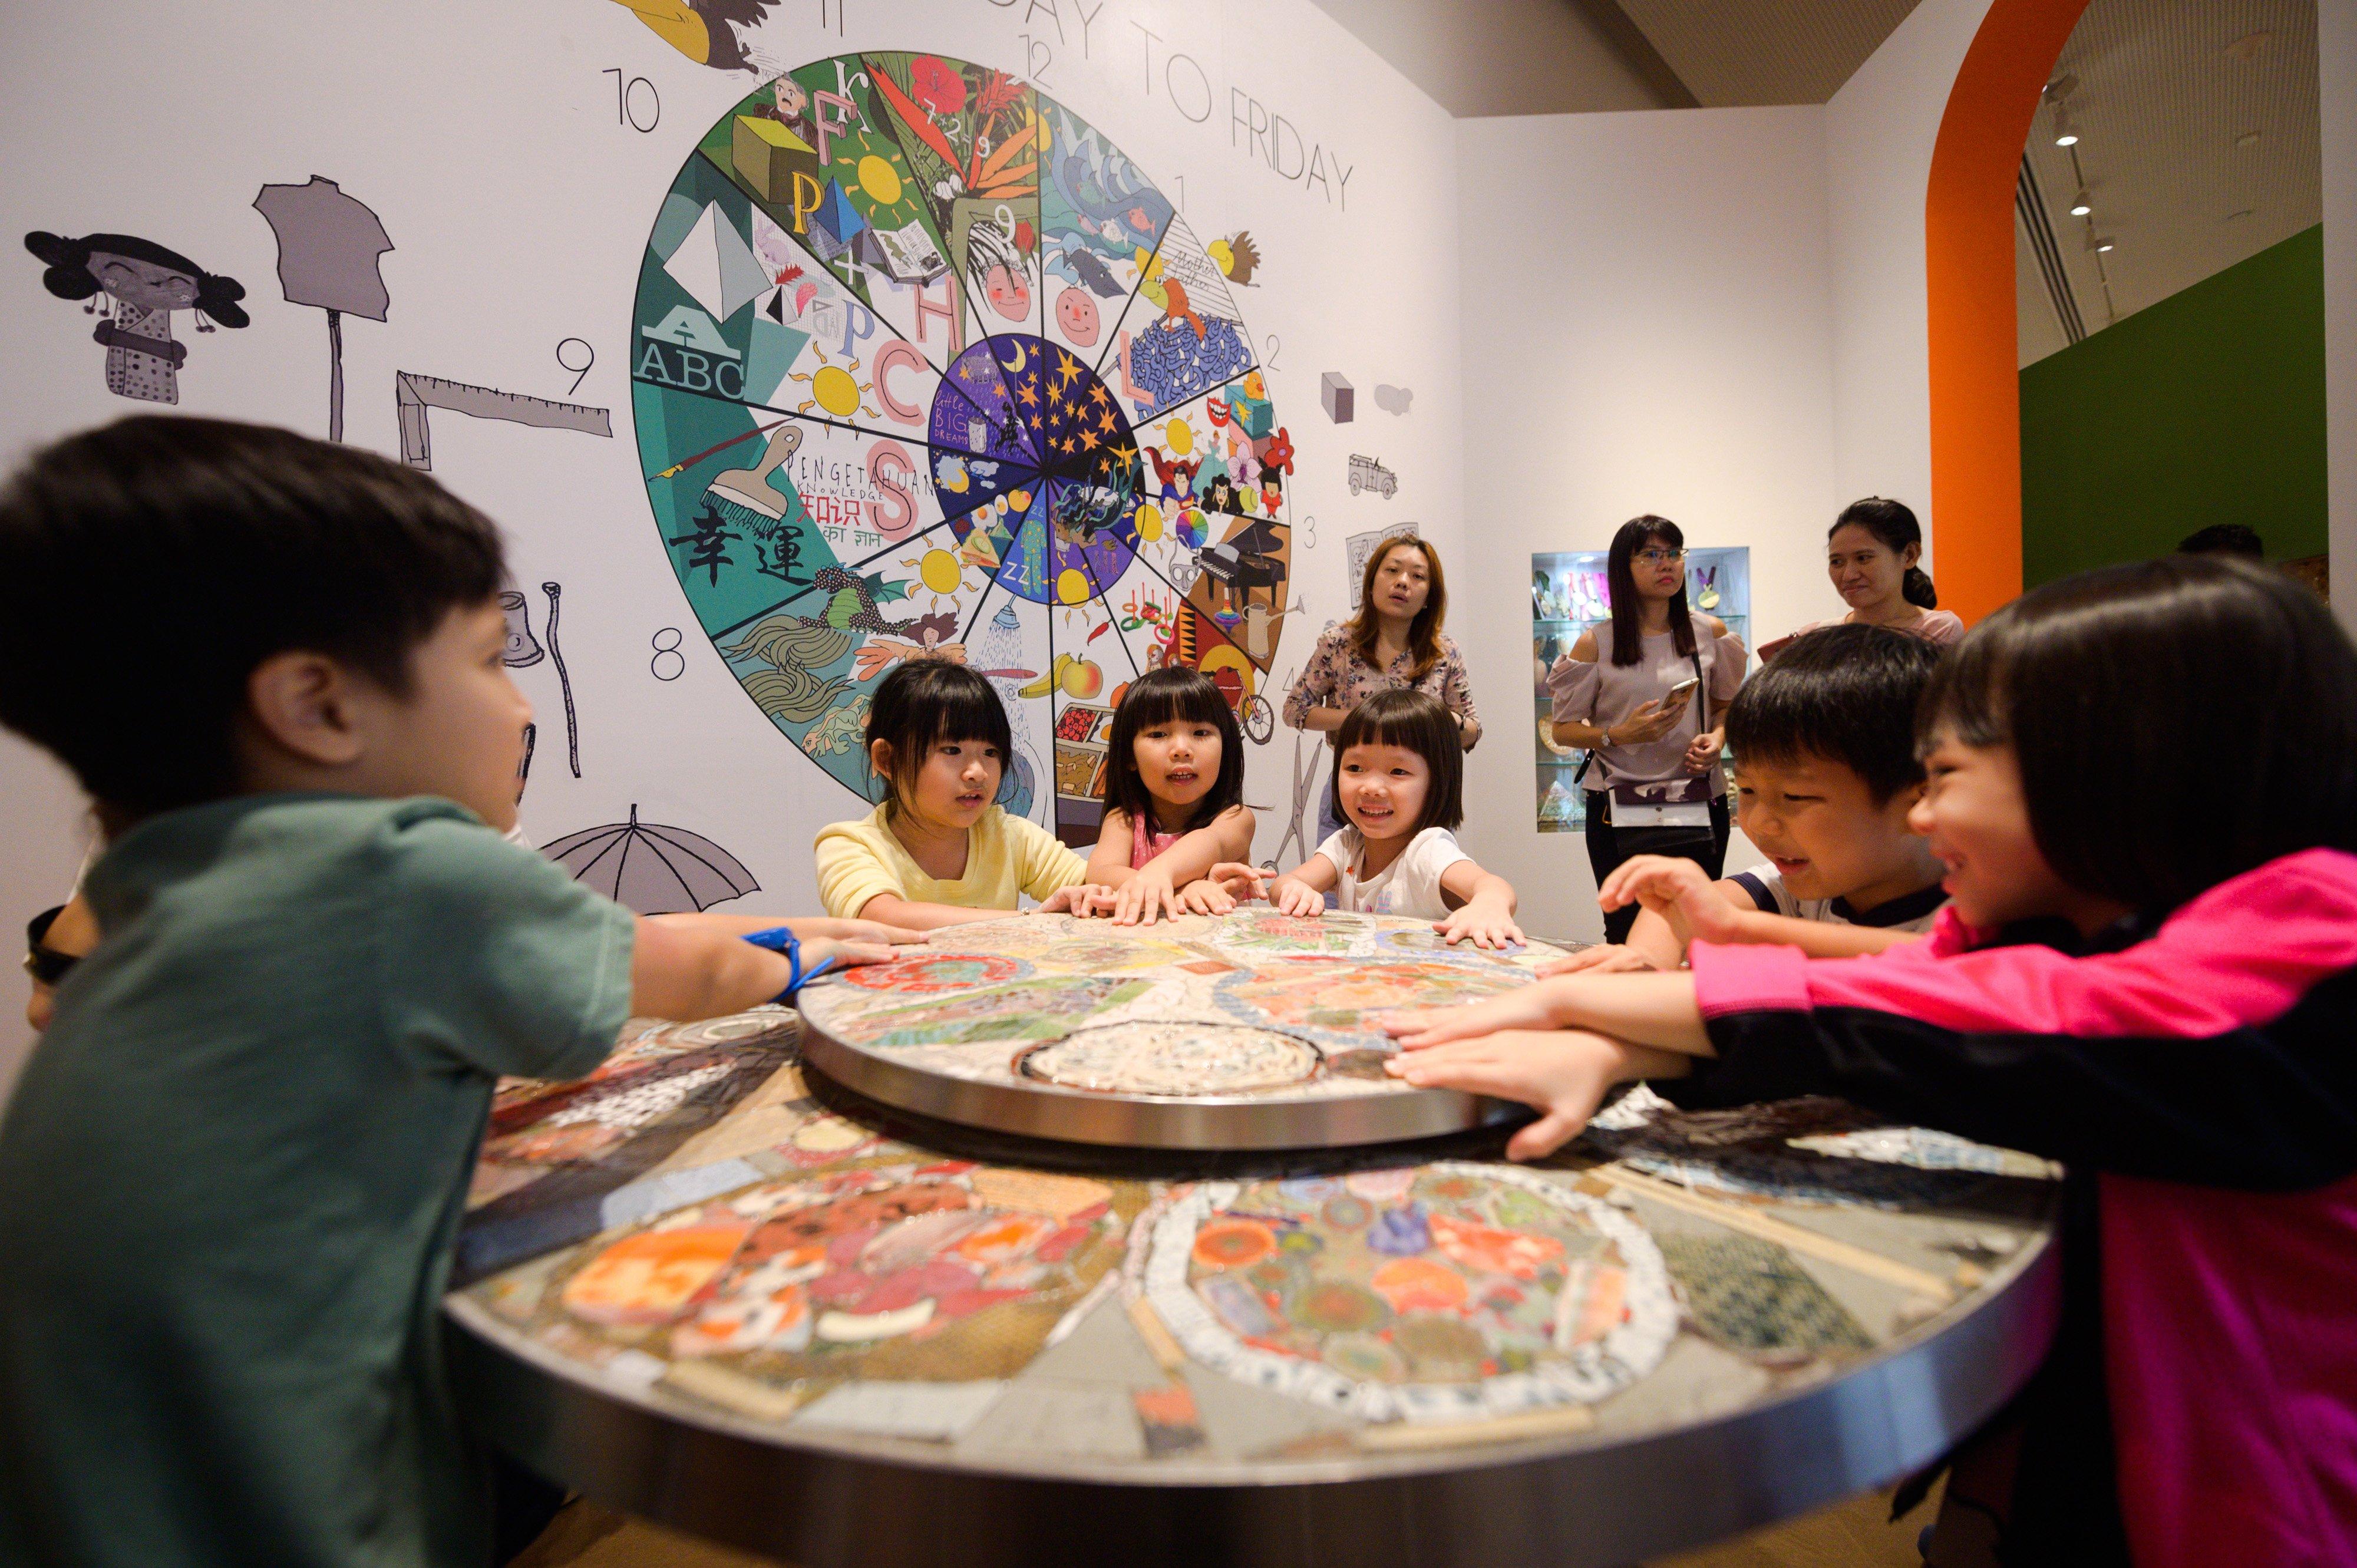 Children's Biennale 2019